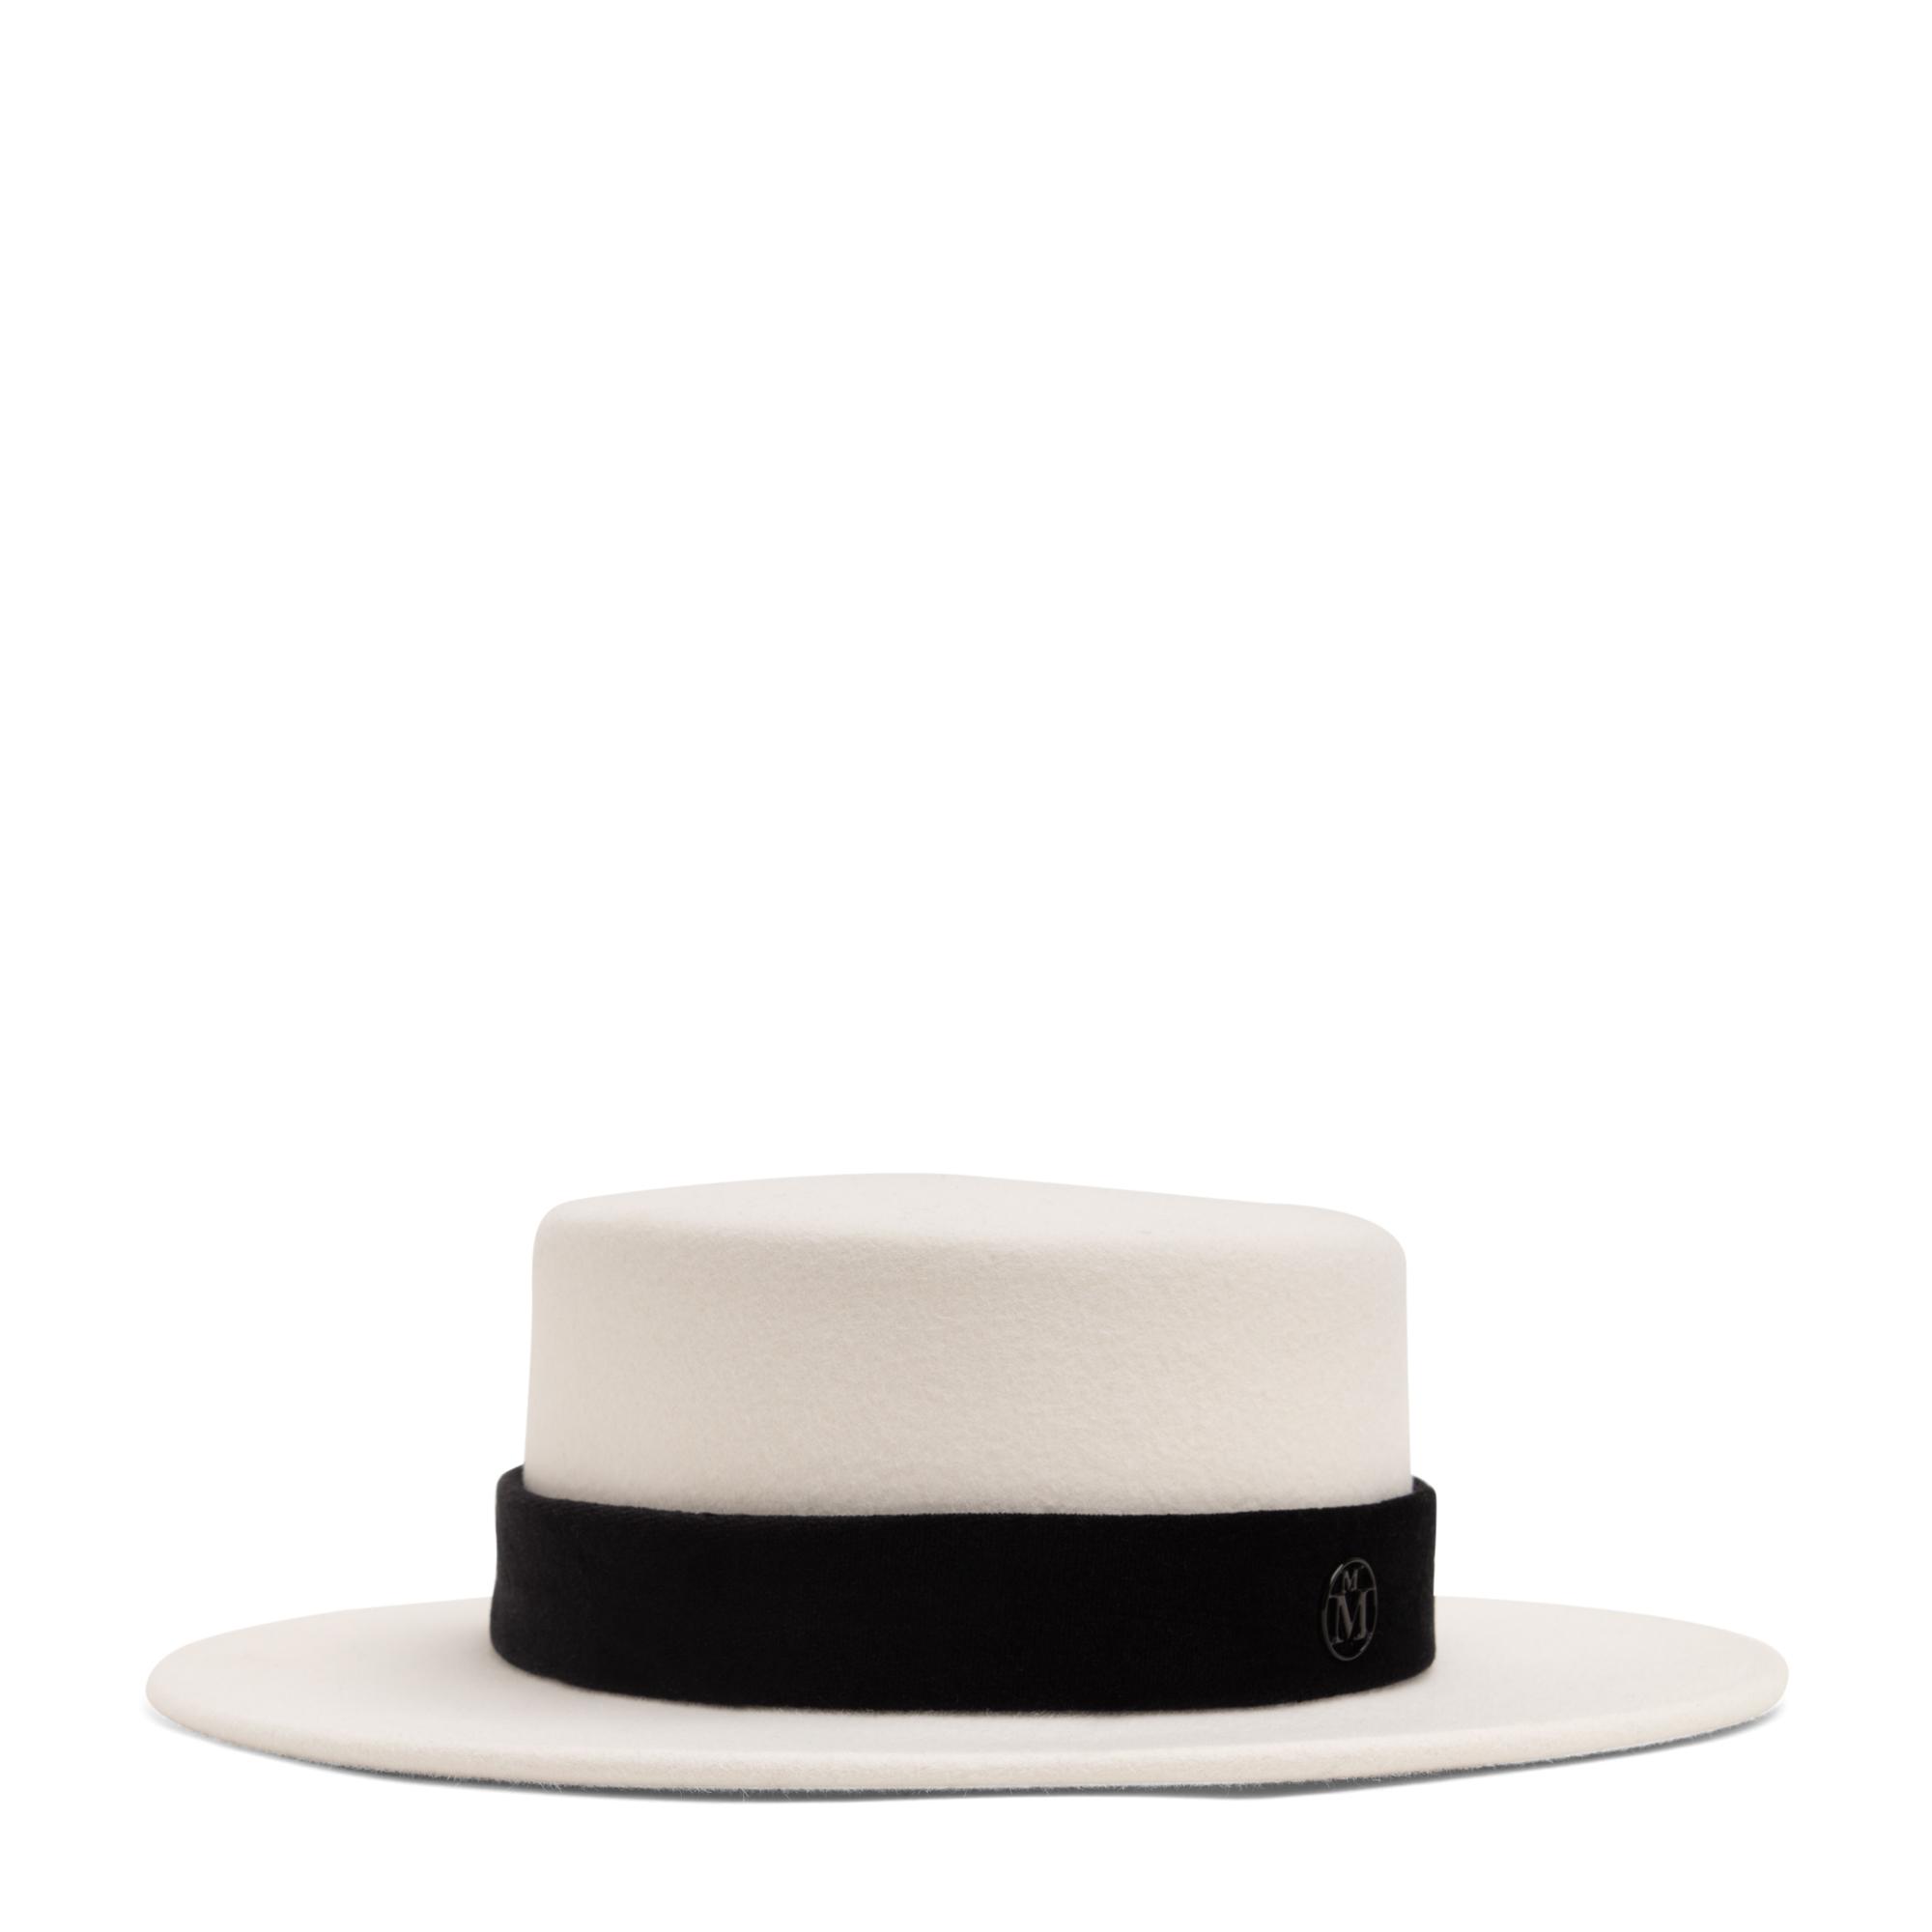 Kiki hat